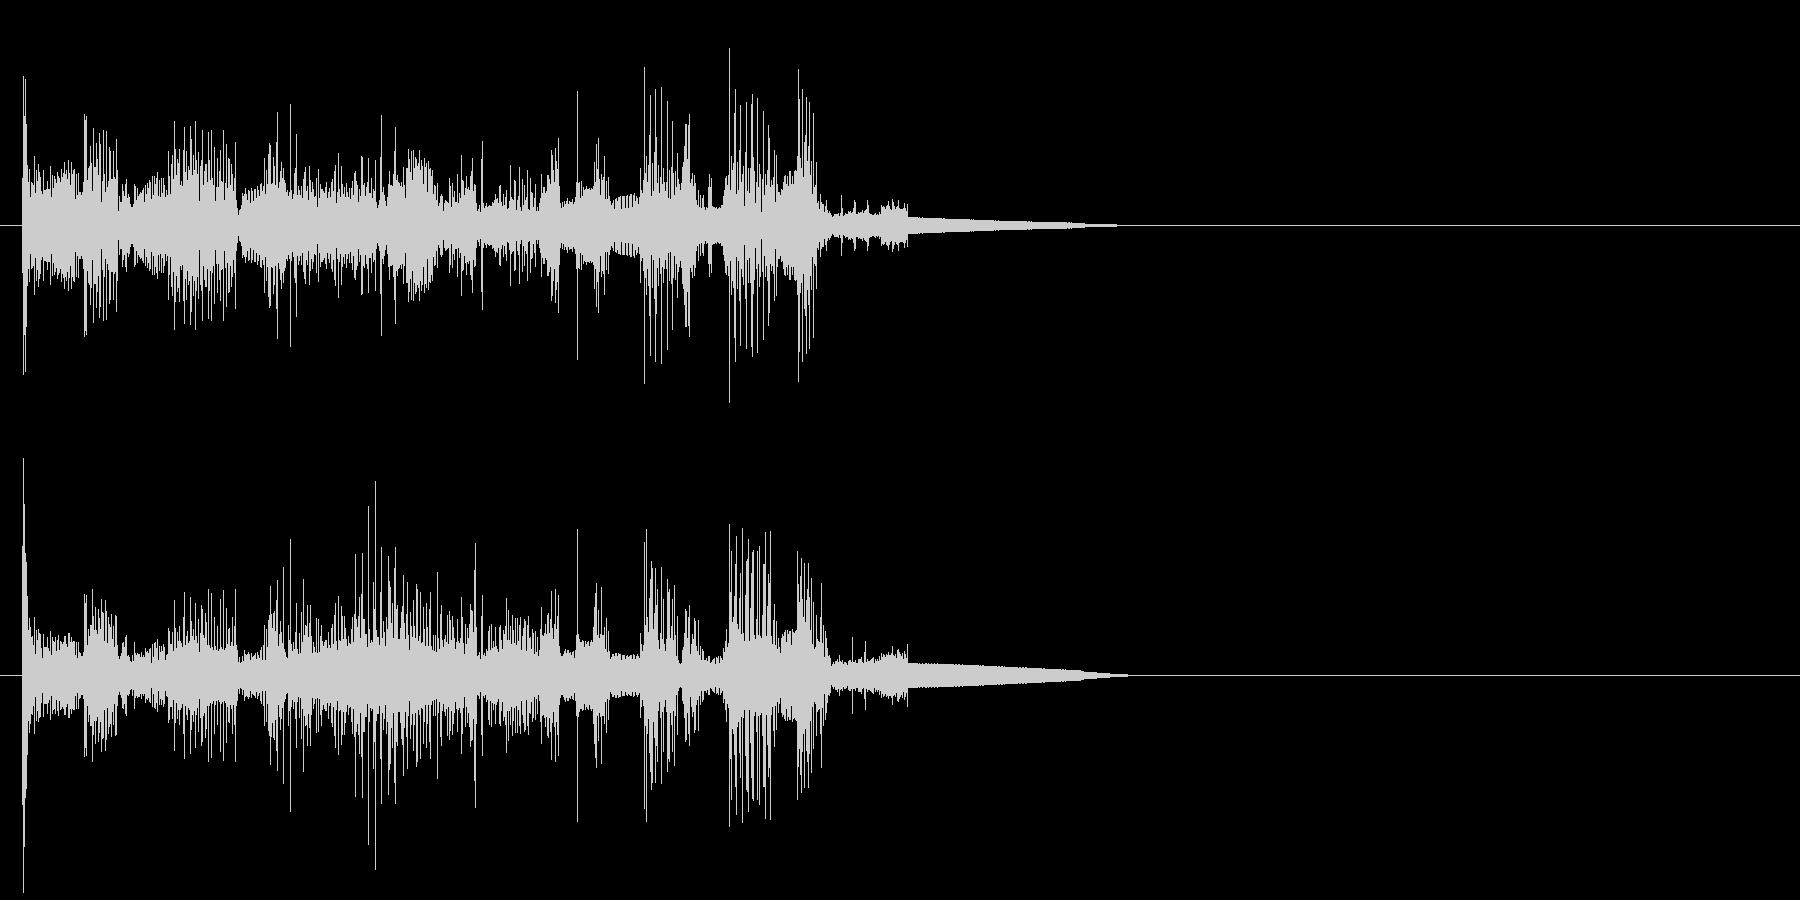 ロボットの音声 3の未再生の波形